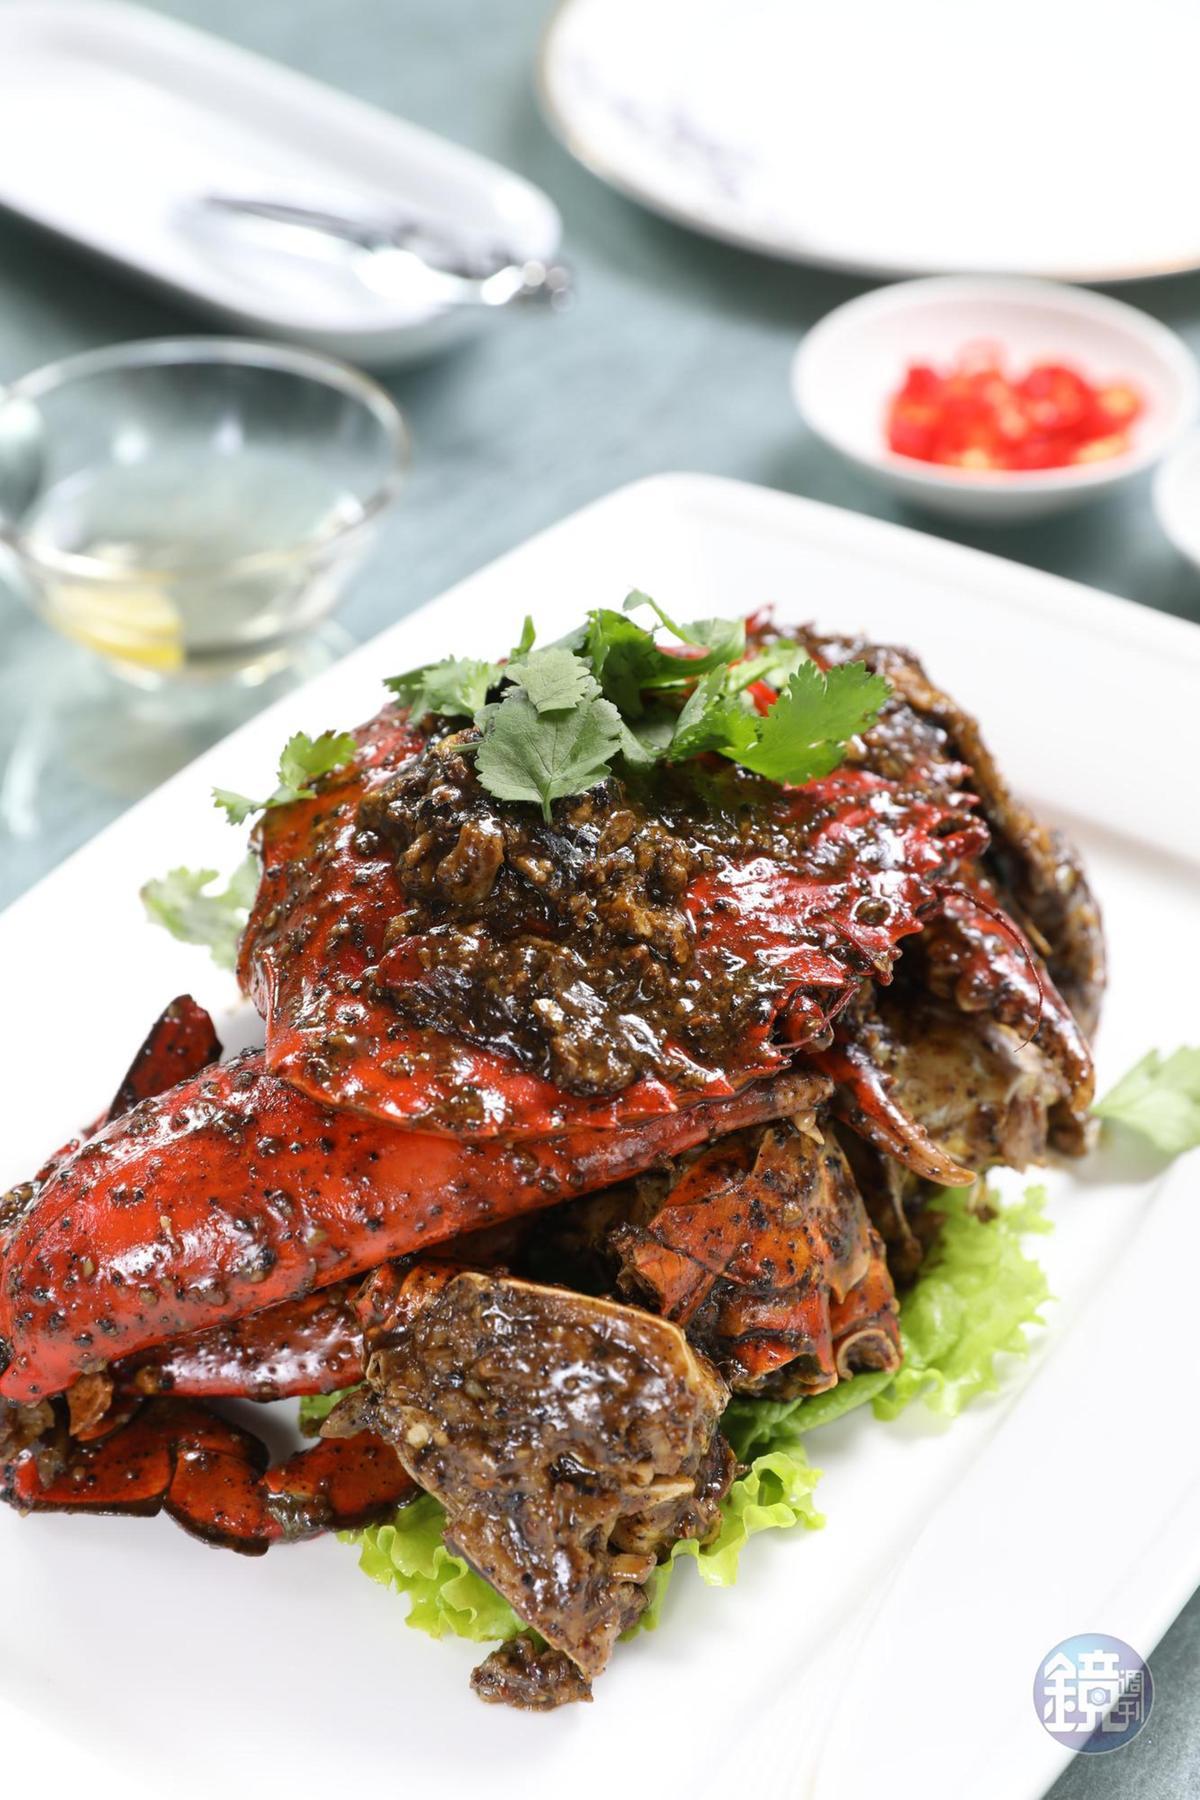 「珍寶黑胡椒」厚實沙公蟹肉吸飽黑胡椒醬汁,一口接一口,叫人吮指回味。(298元/100g,圖約1.1公斤,約3,278元。)